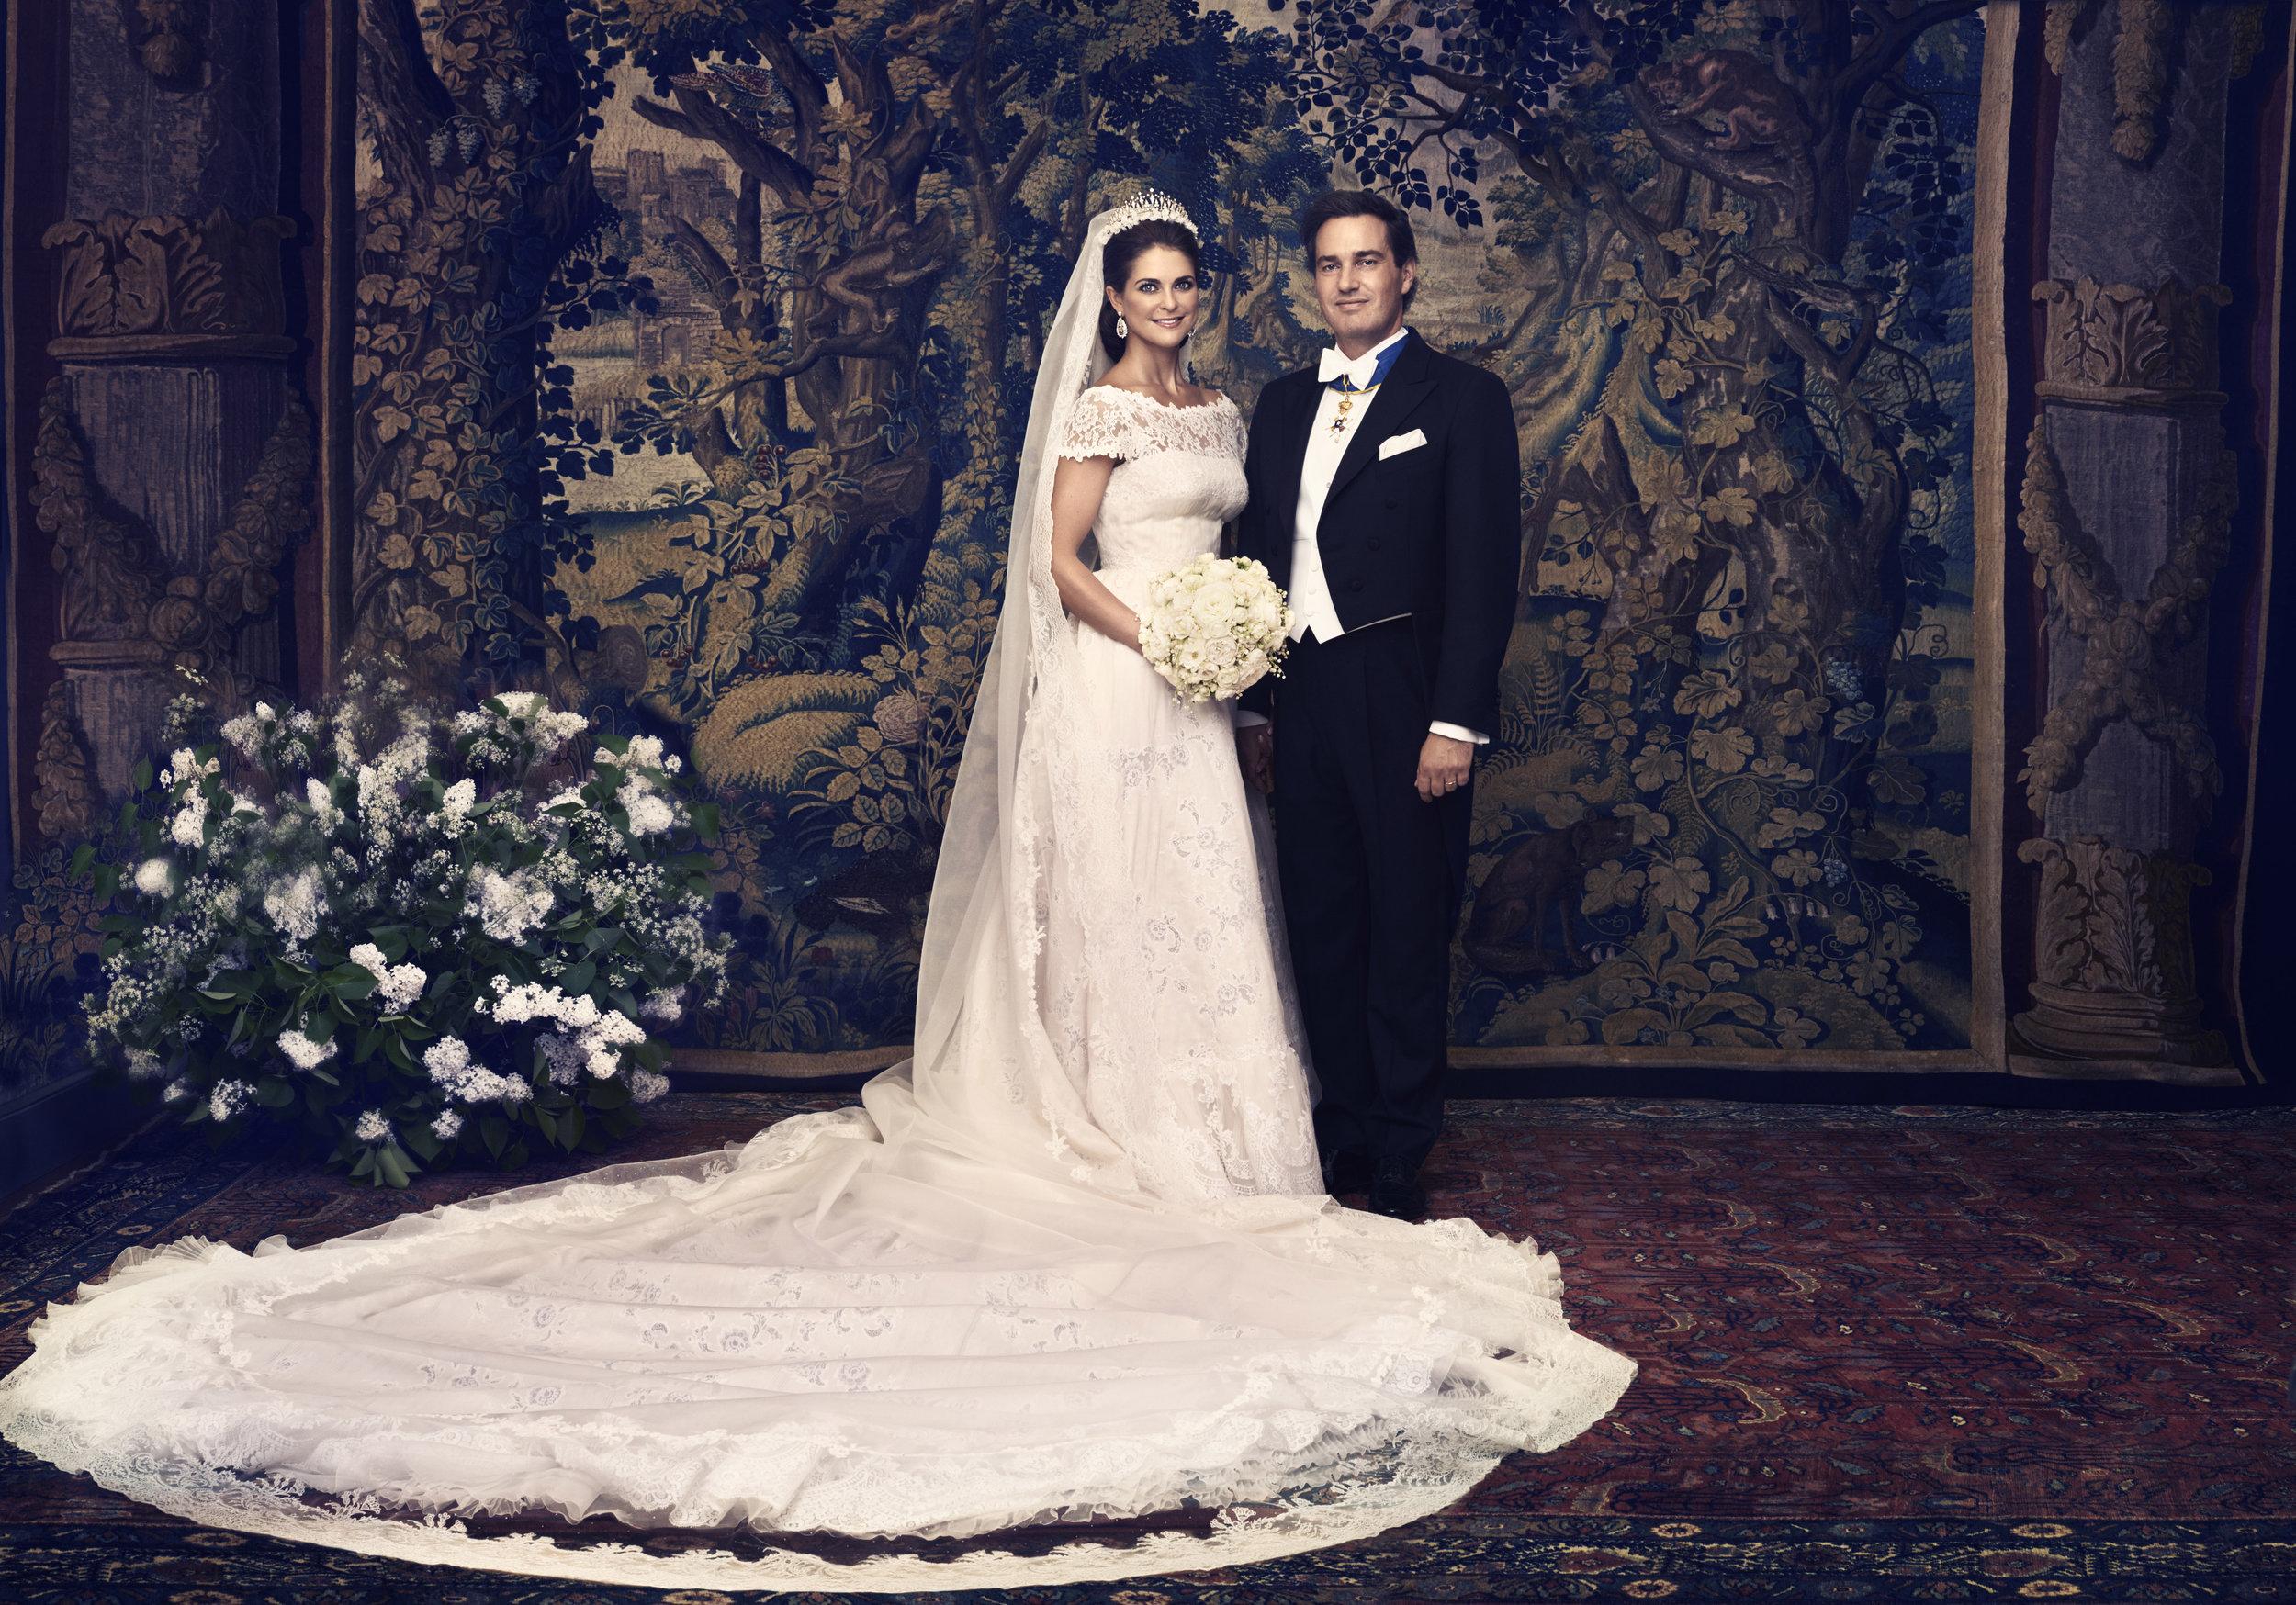 Happy End für Prinzessin Madeleine: In Chris O'Neill hat sie ihren Traumprinzen gefunden.  ©Ewa-Marie Rundquist, The Royal Court